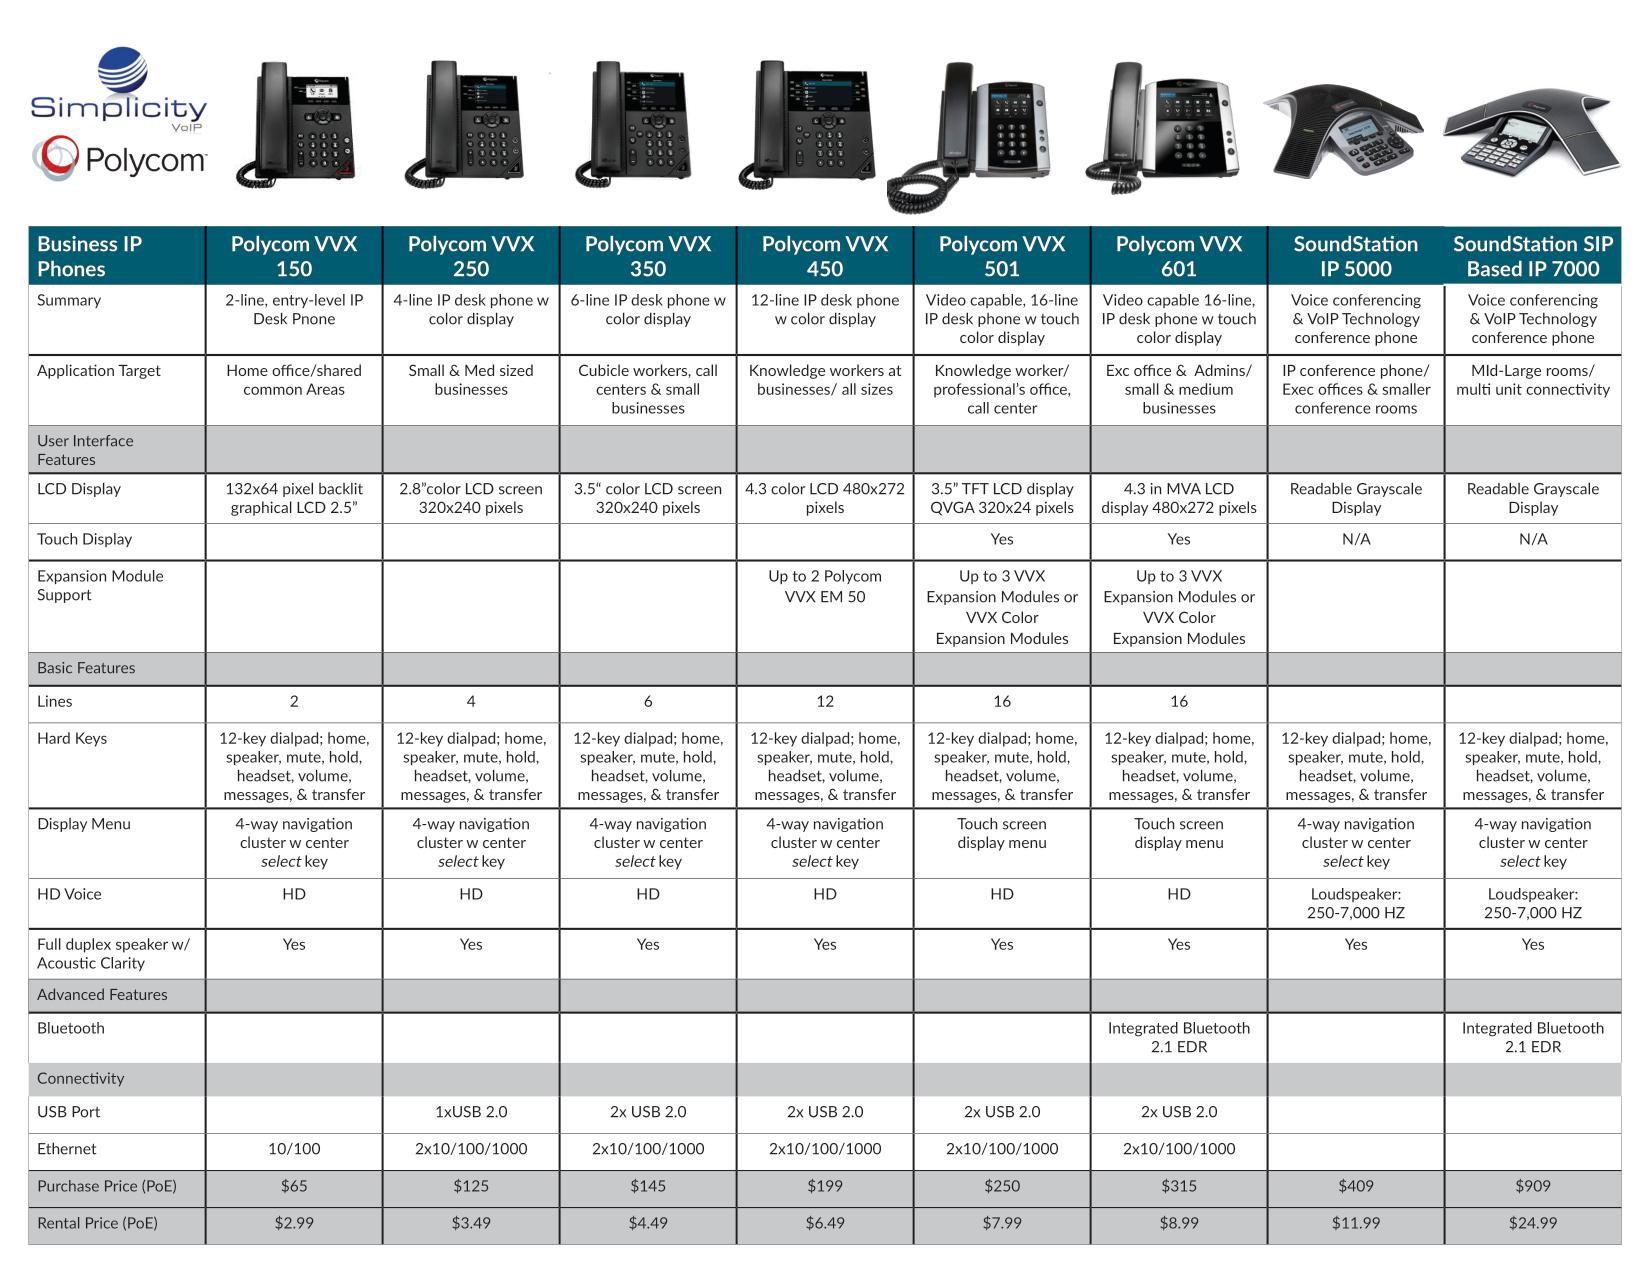 Polycom Phone Comparison 10-7-2019-larger